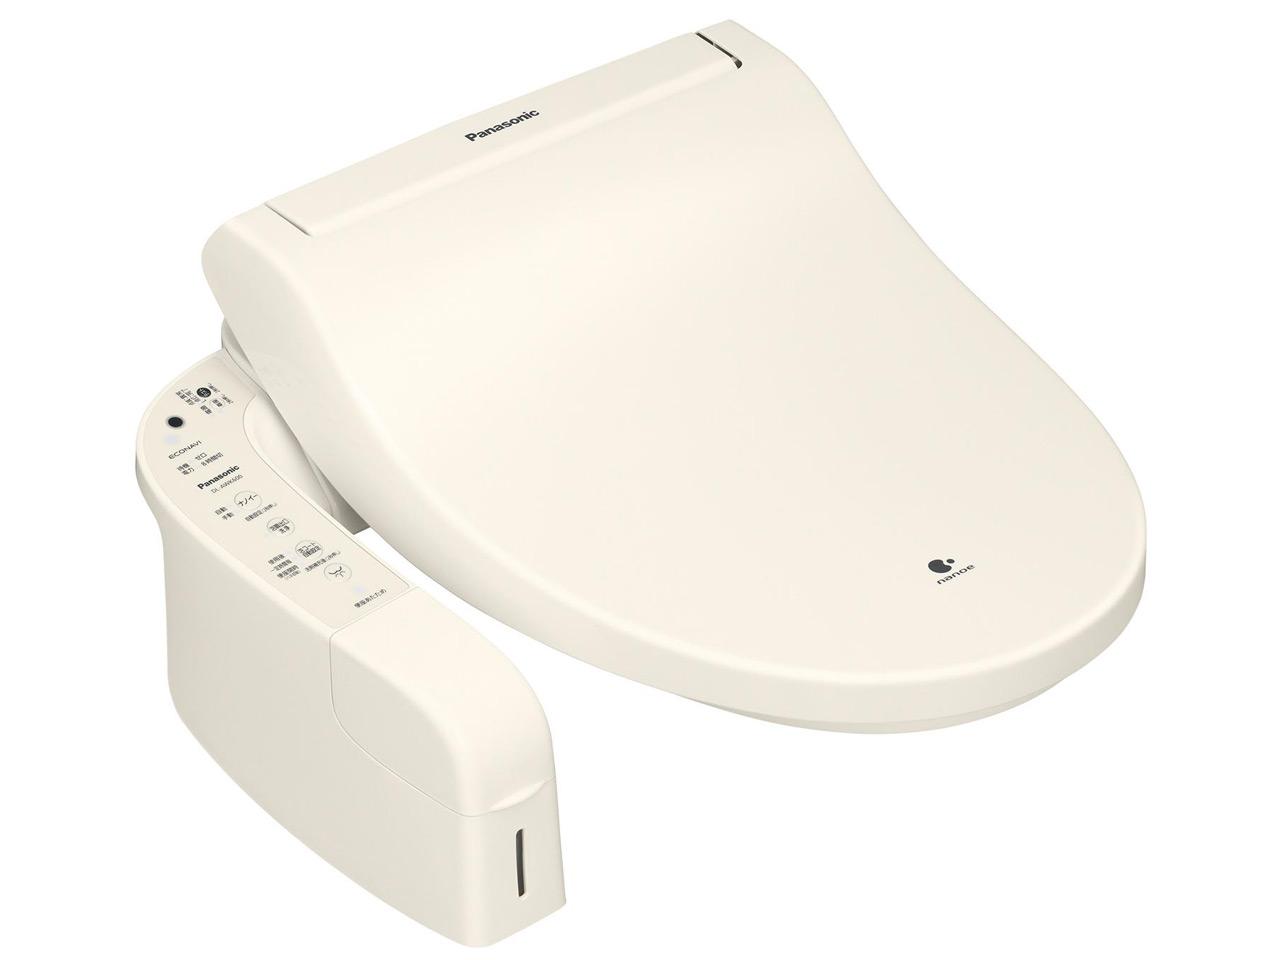 ビューティ・トワレ DL-AWK600-CP [パステルアイボリー] の製品画像